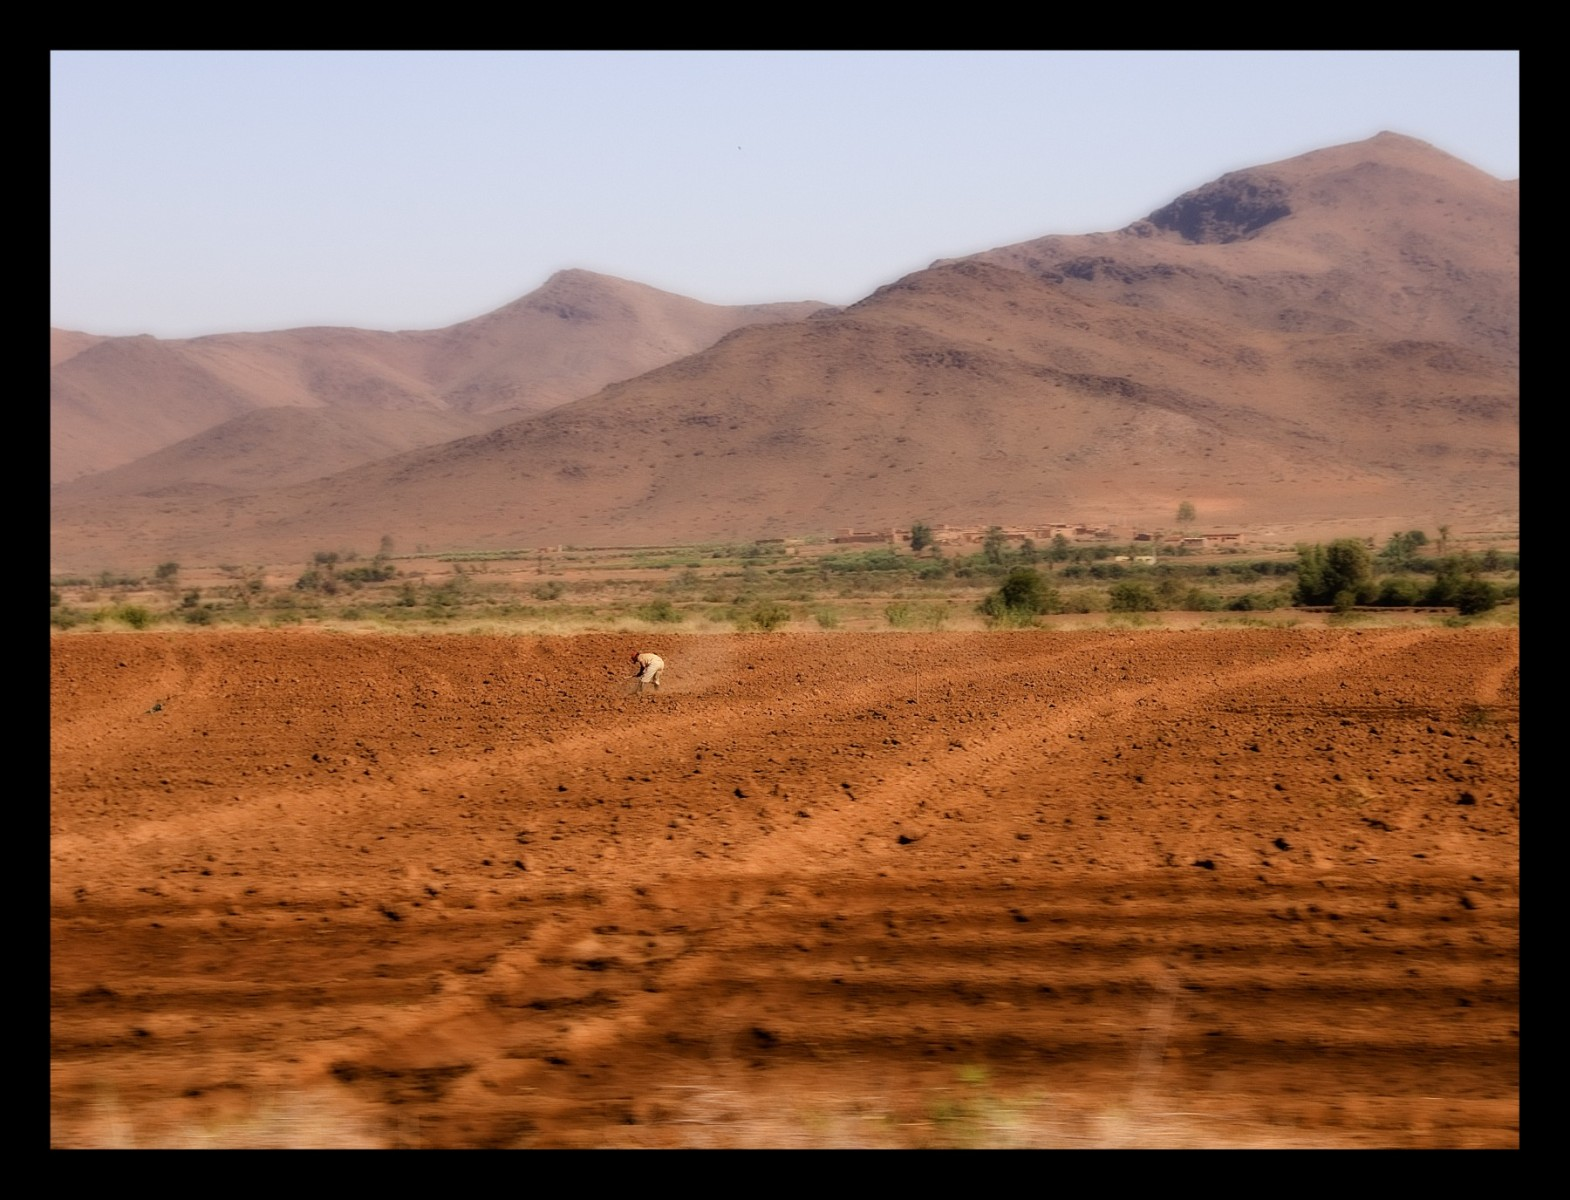 91215_DSC0006 on desert at work